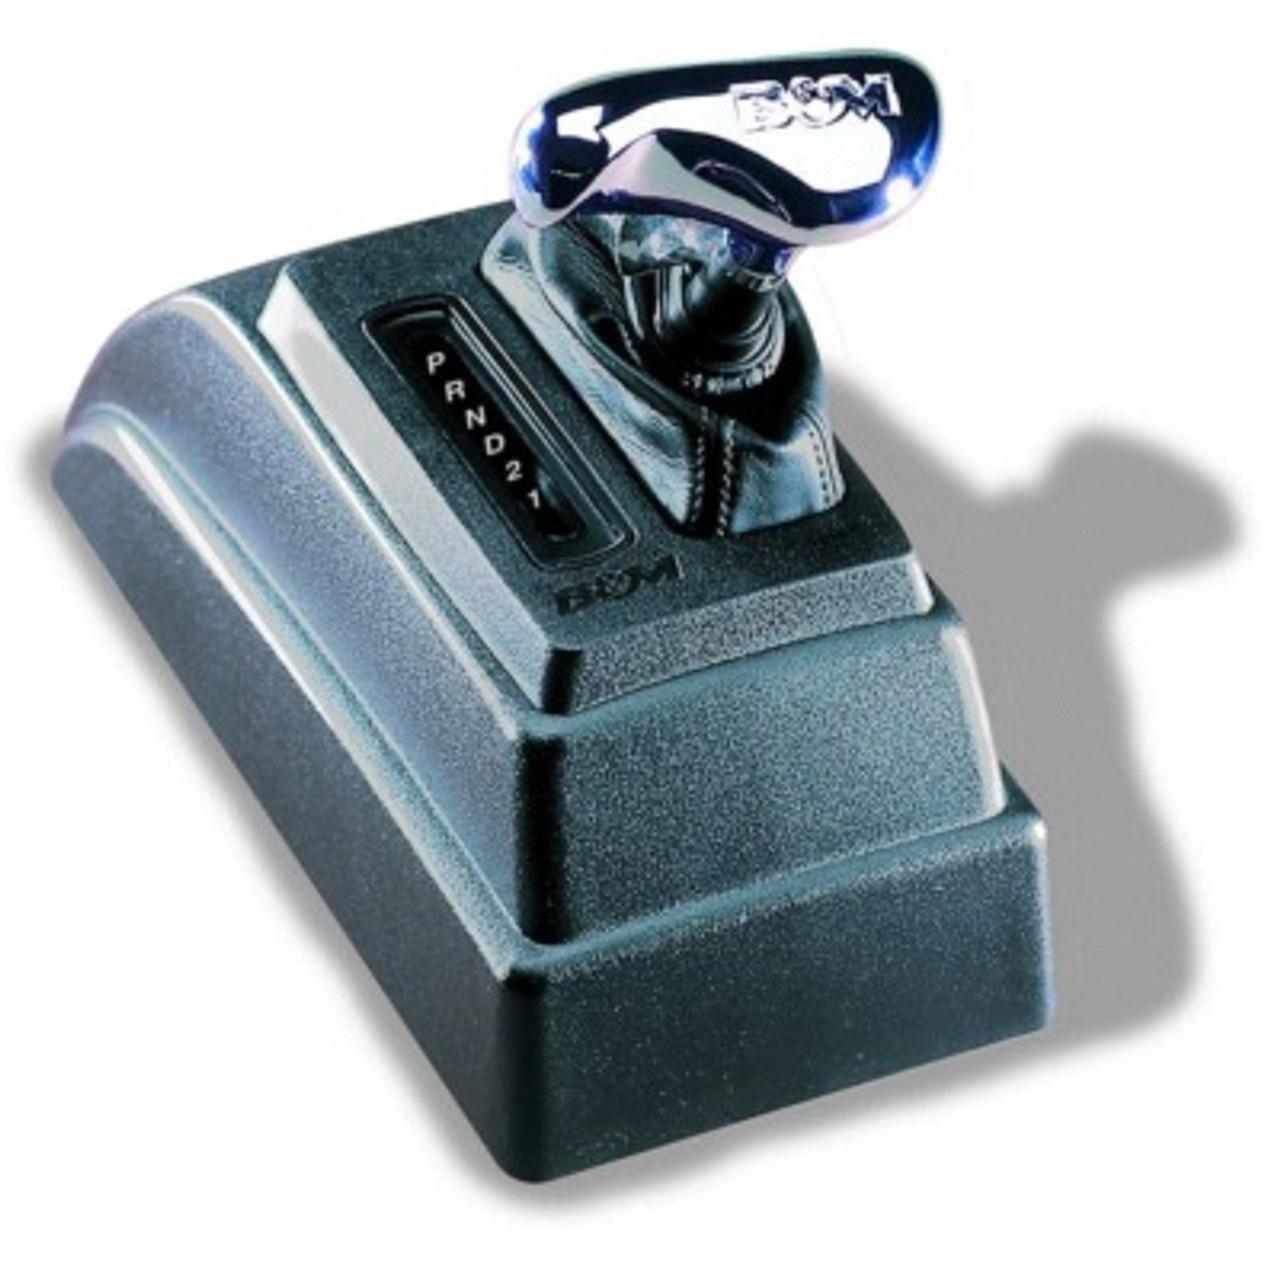 BMM80885, B&M,,Hammer Shifter, Automatic, Floor Mount, Forwar